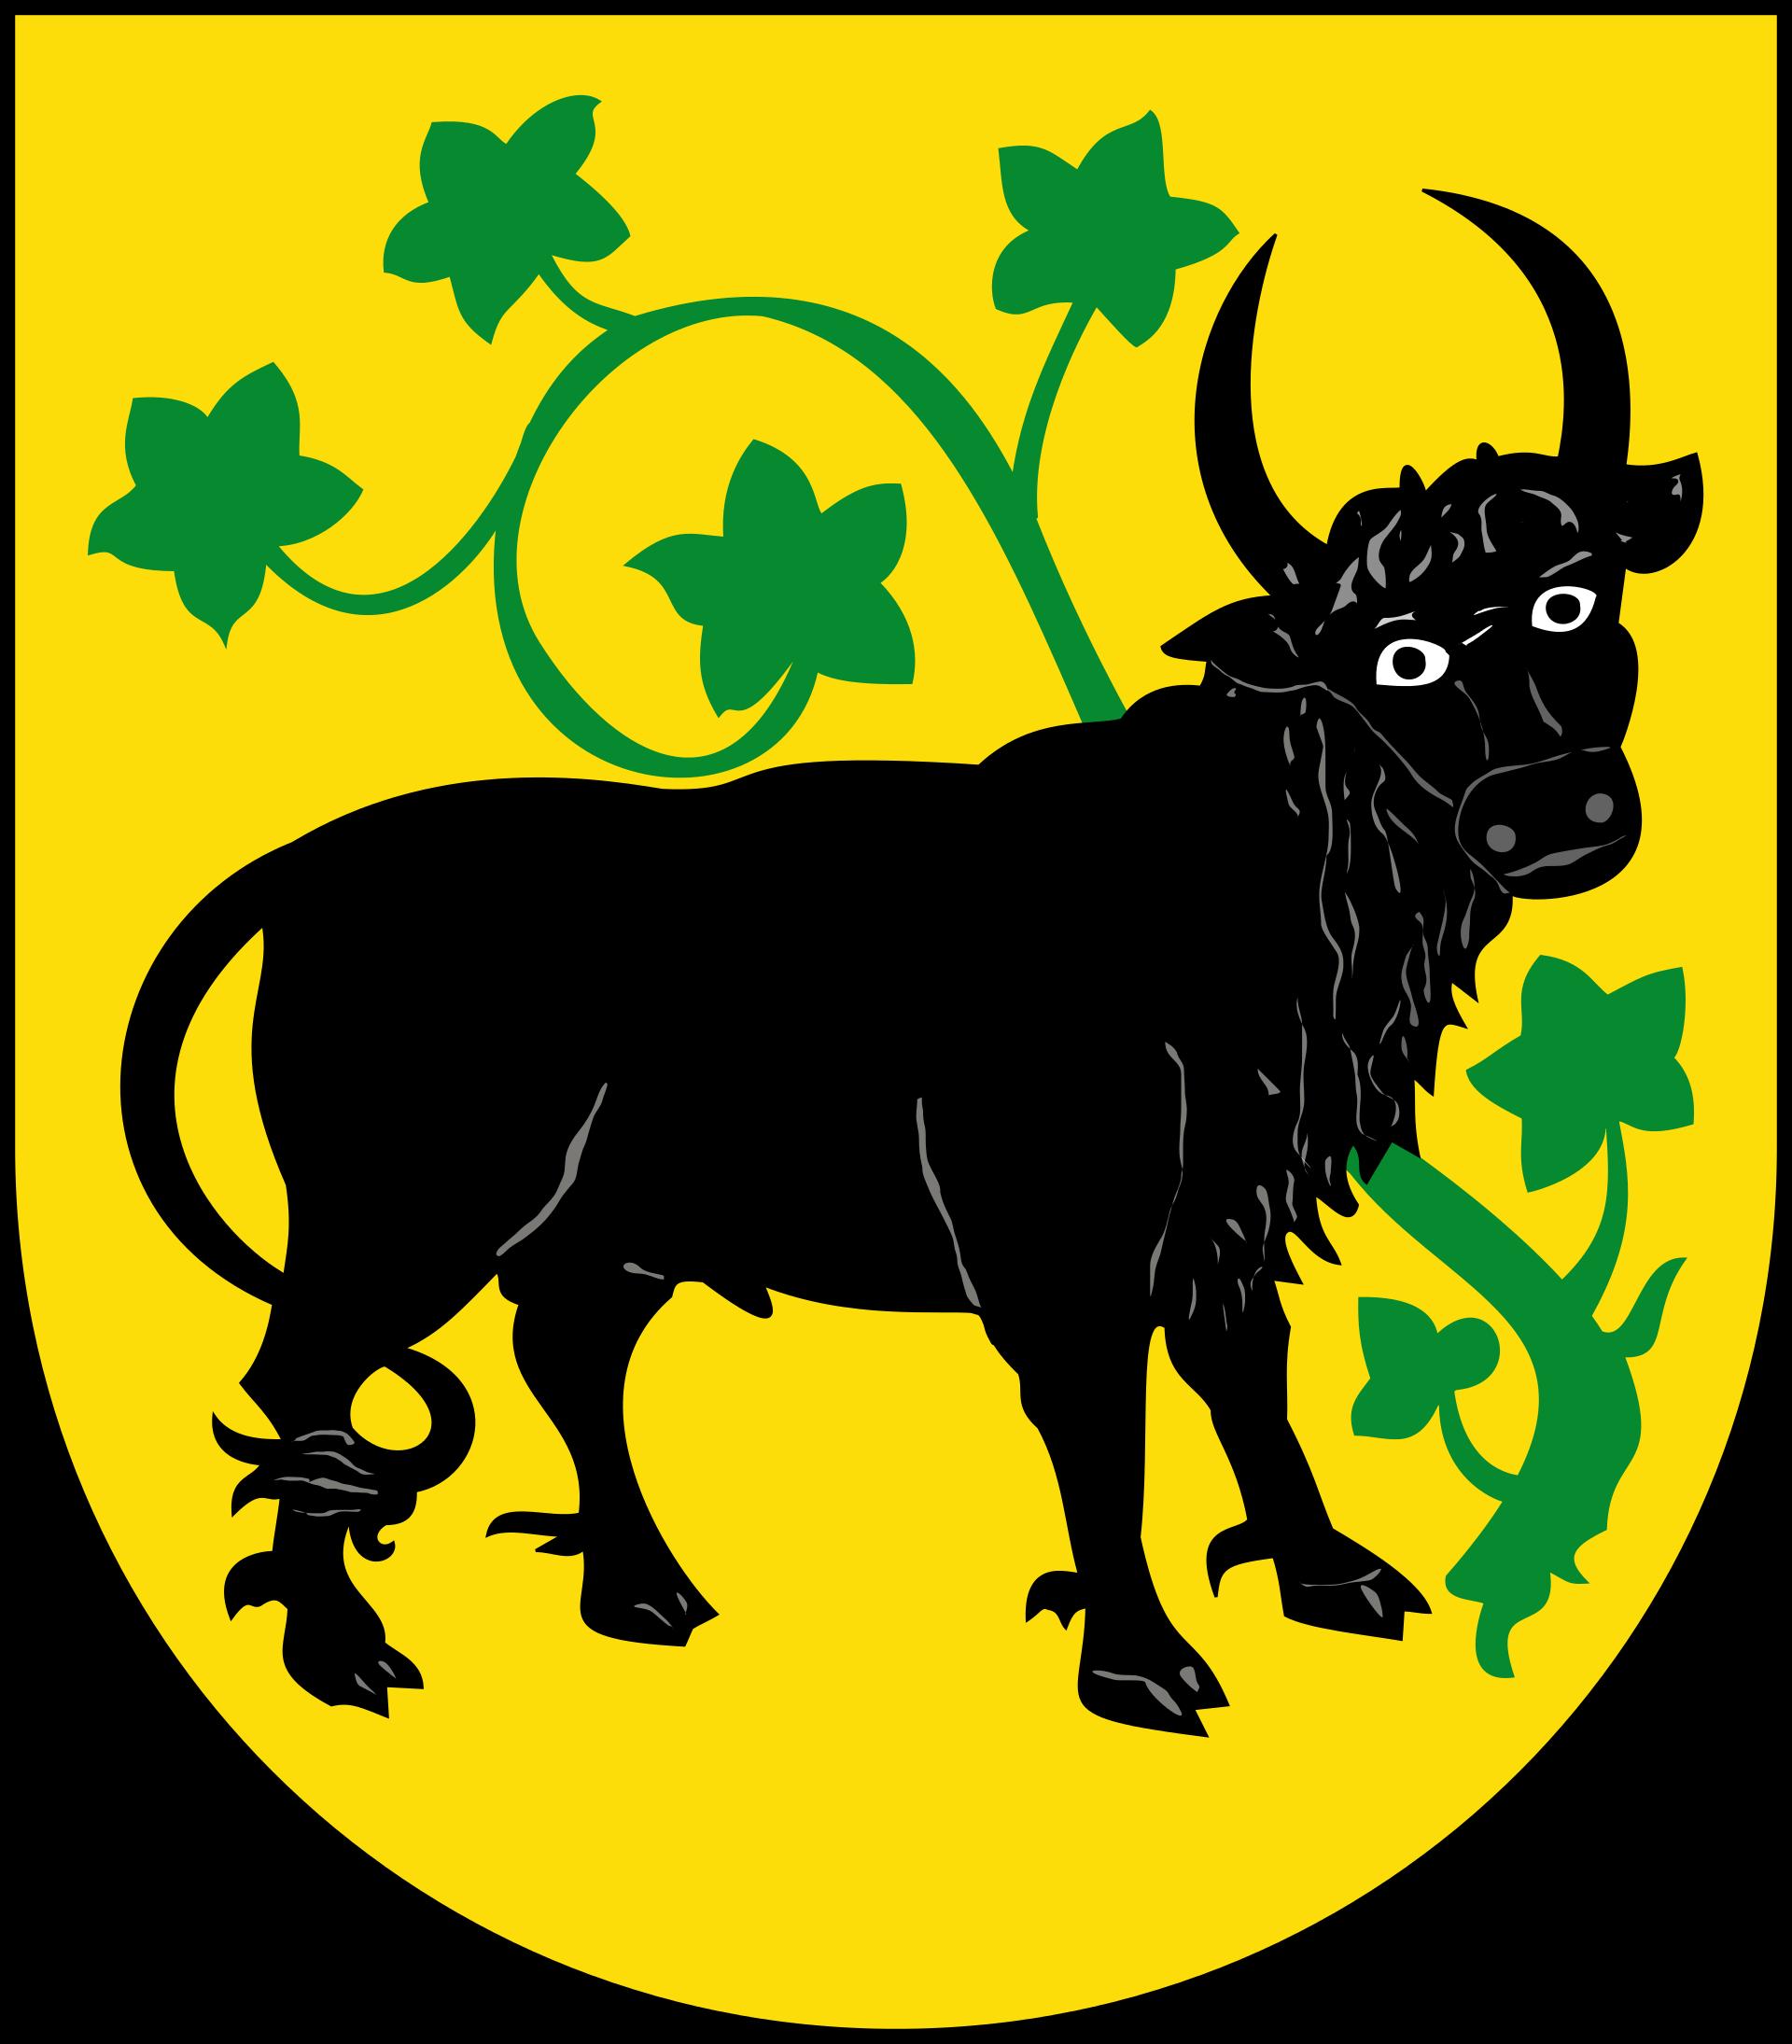 Wappen der Stadt Güstrow